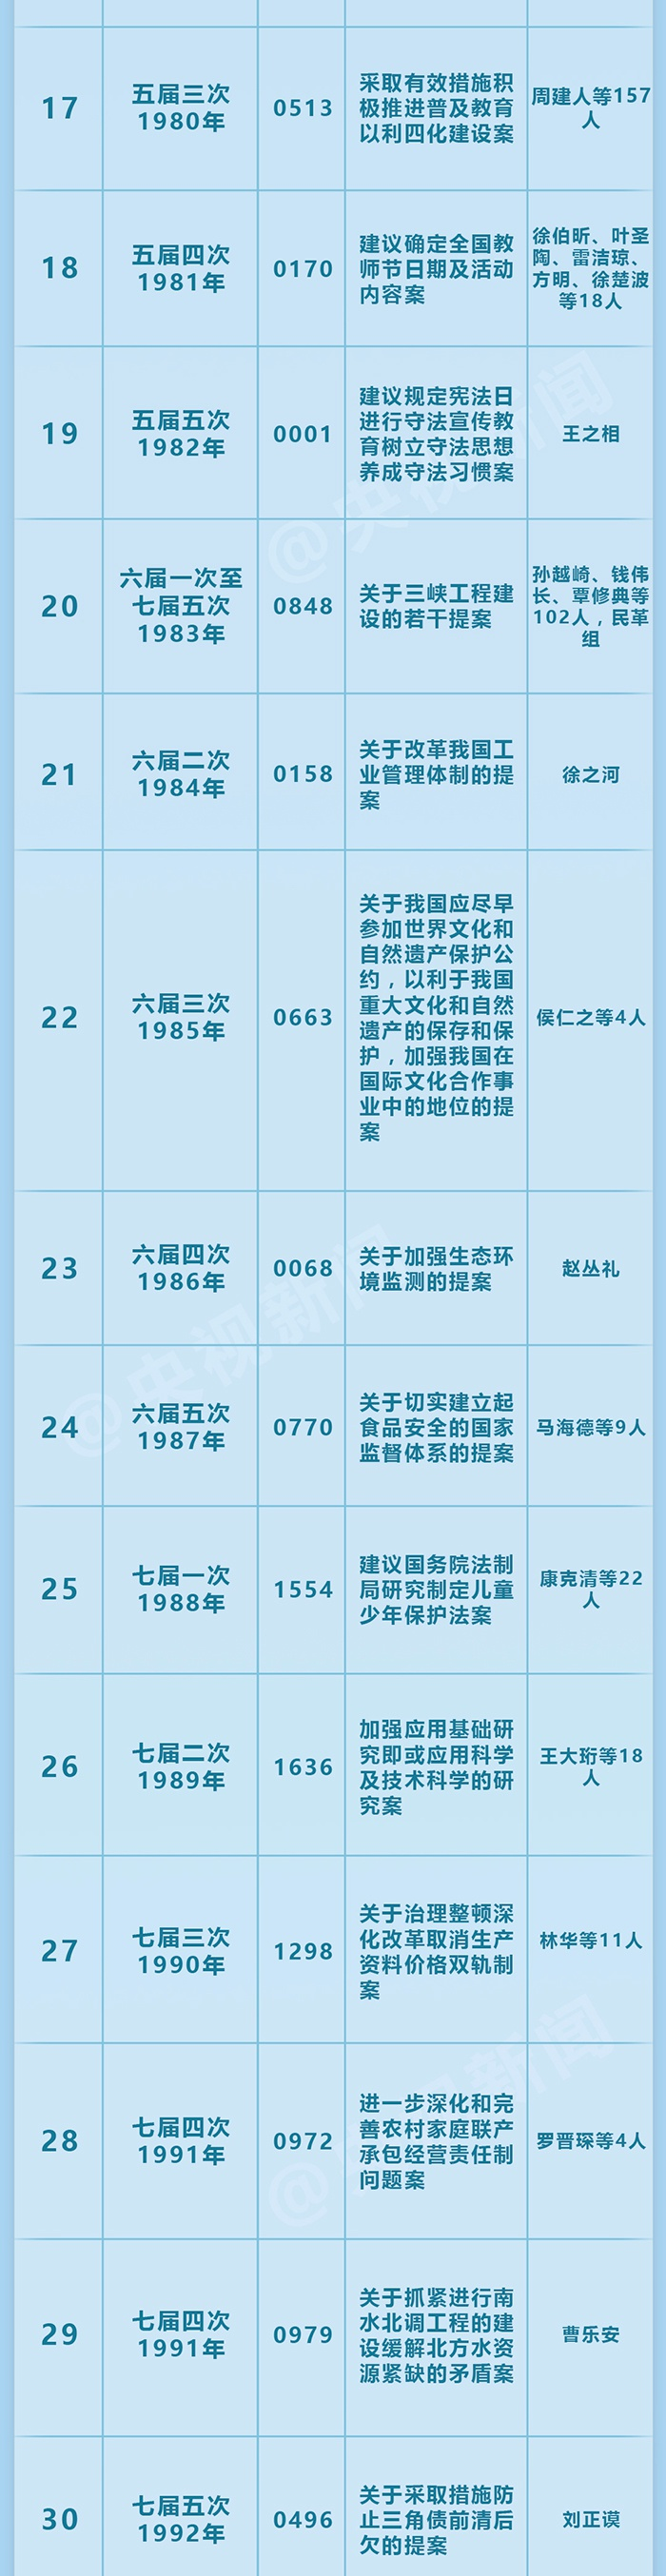 全讯网跑狗报 莒县政协党组书记、主席匡立福被开除党籍和公职